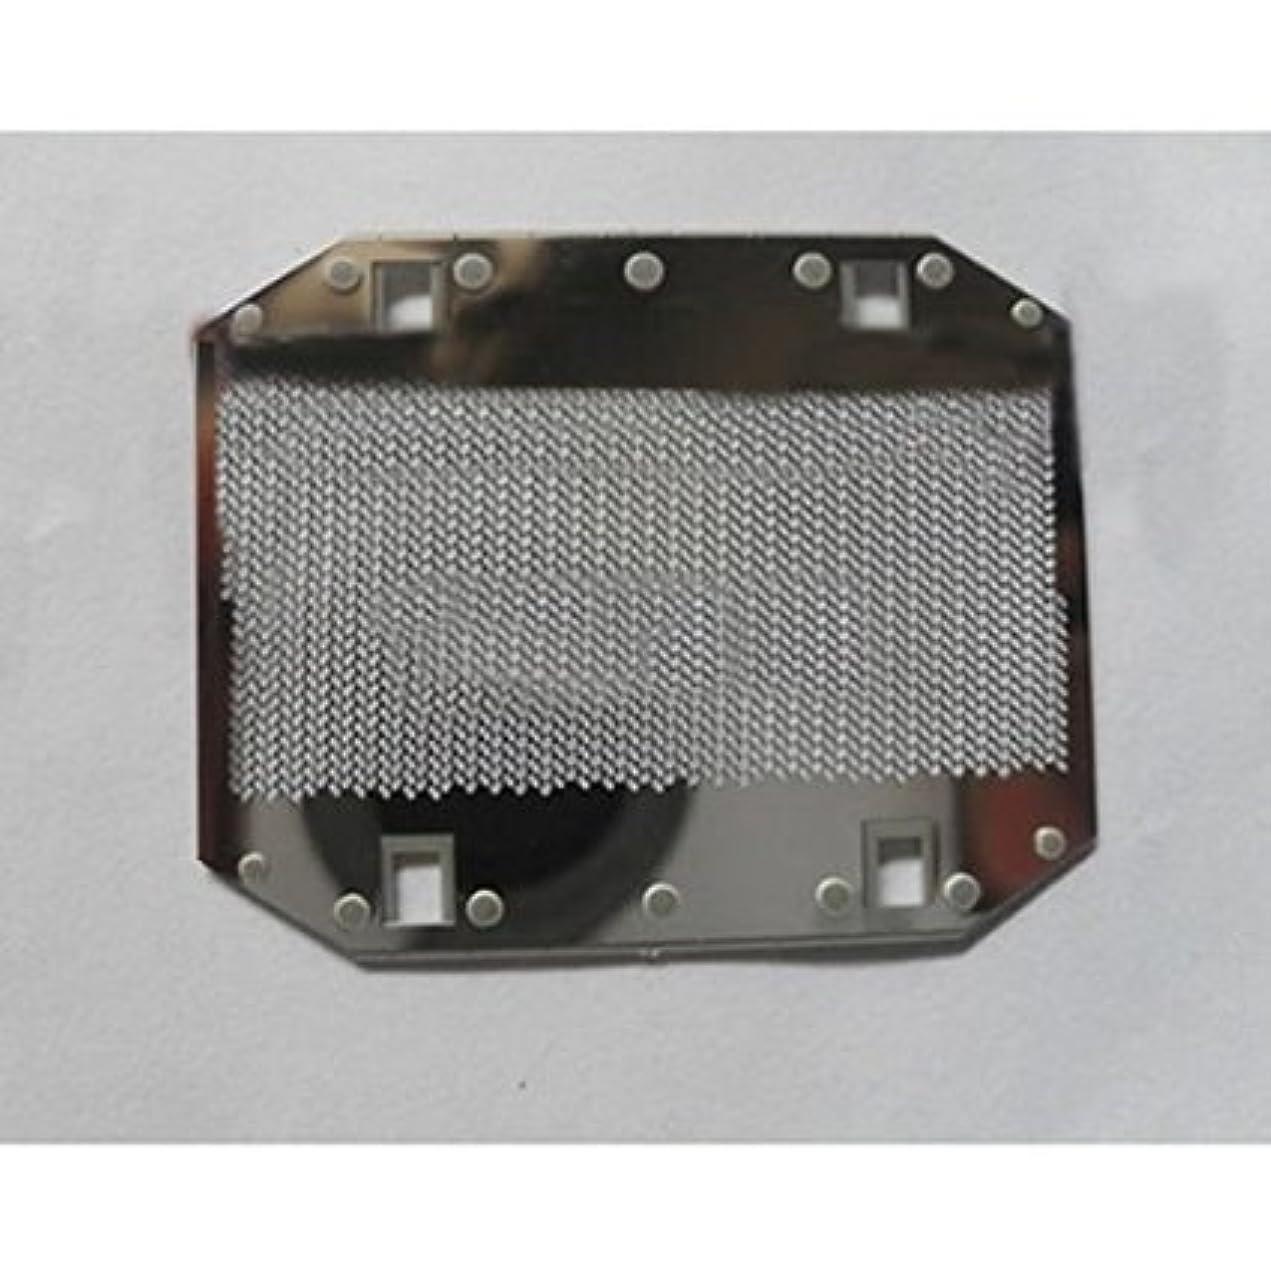 傾向がある剃るスペシャリストLinyuan 安定した品質 Shaver Outer Foil for ES3042 ES3831 ES-RC30 ES3801 ES9943C